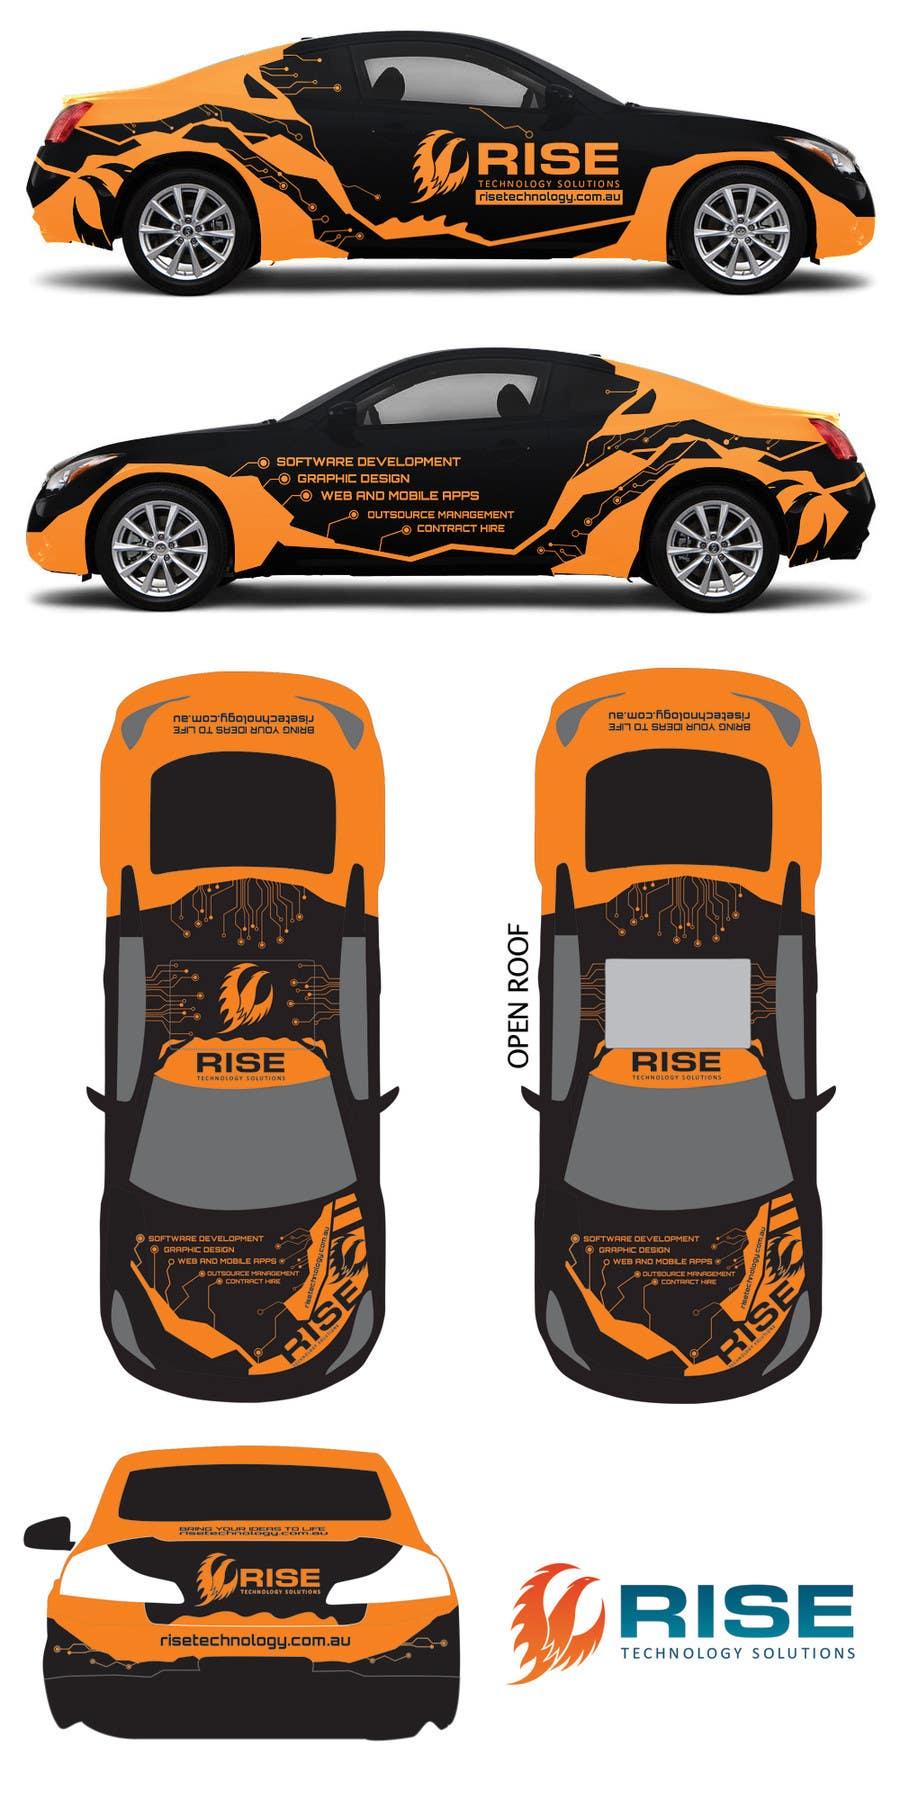 Penyertaan Peraduan #39 untuk Car Wrap Design for RISE Technology Solutions